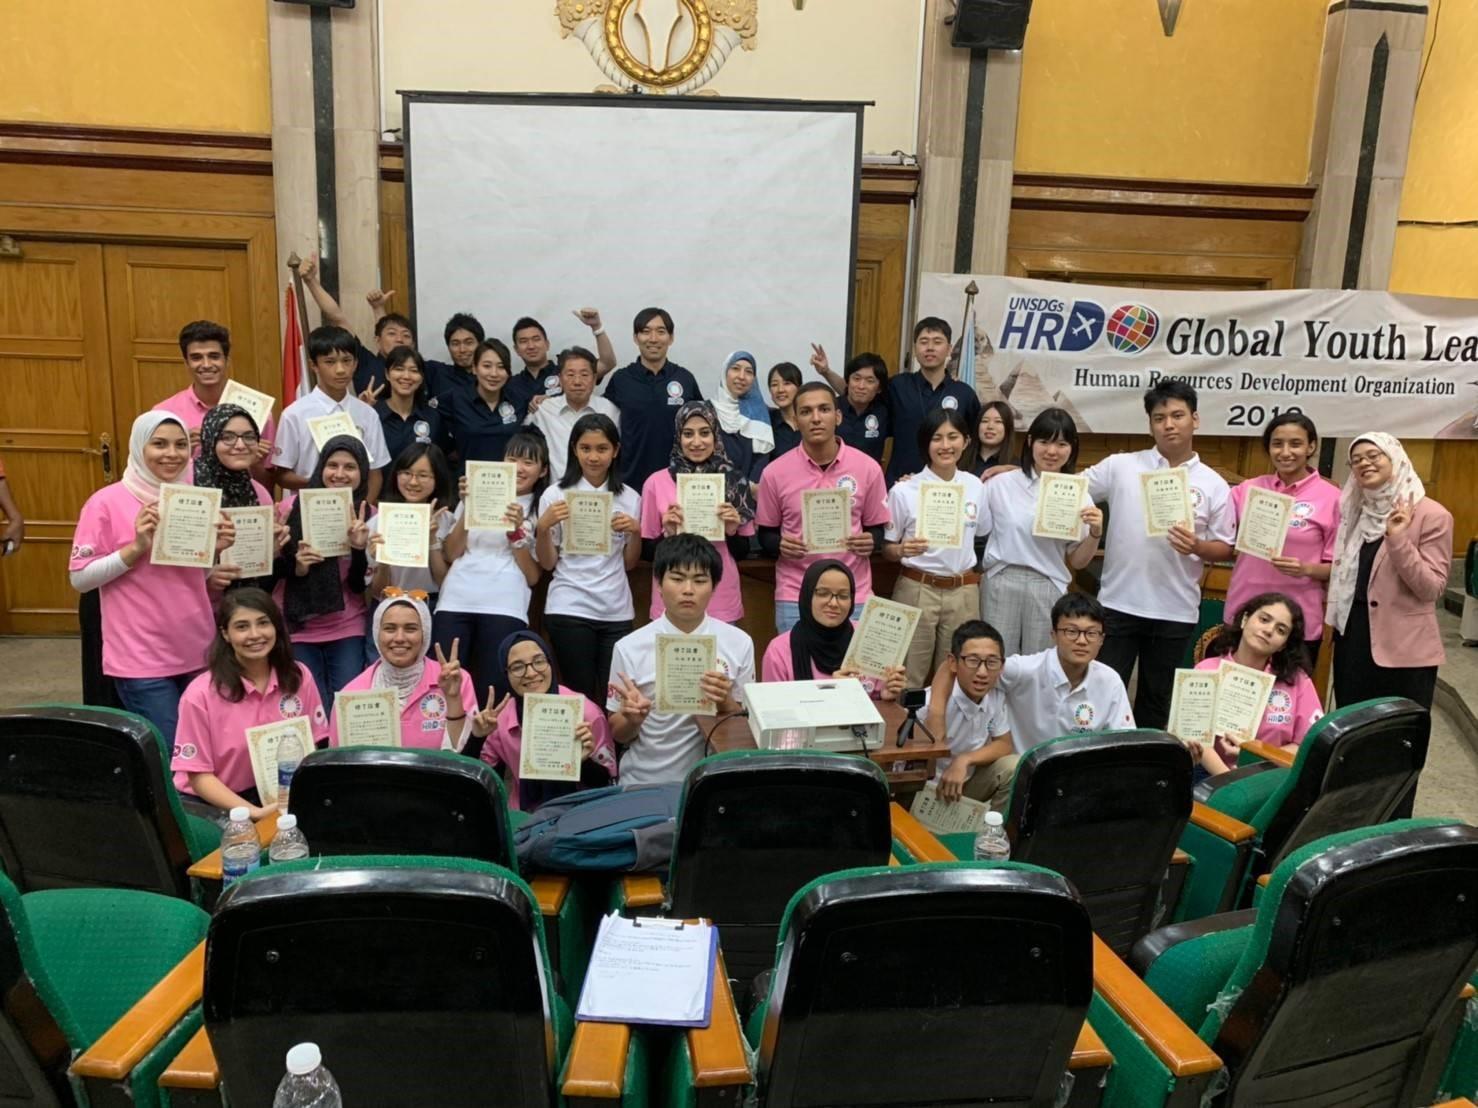 一般社団法人UNSDGs人材育成機構・カイロ大学での発表会